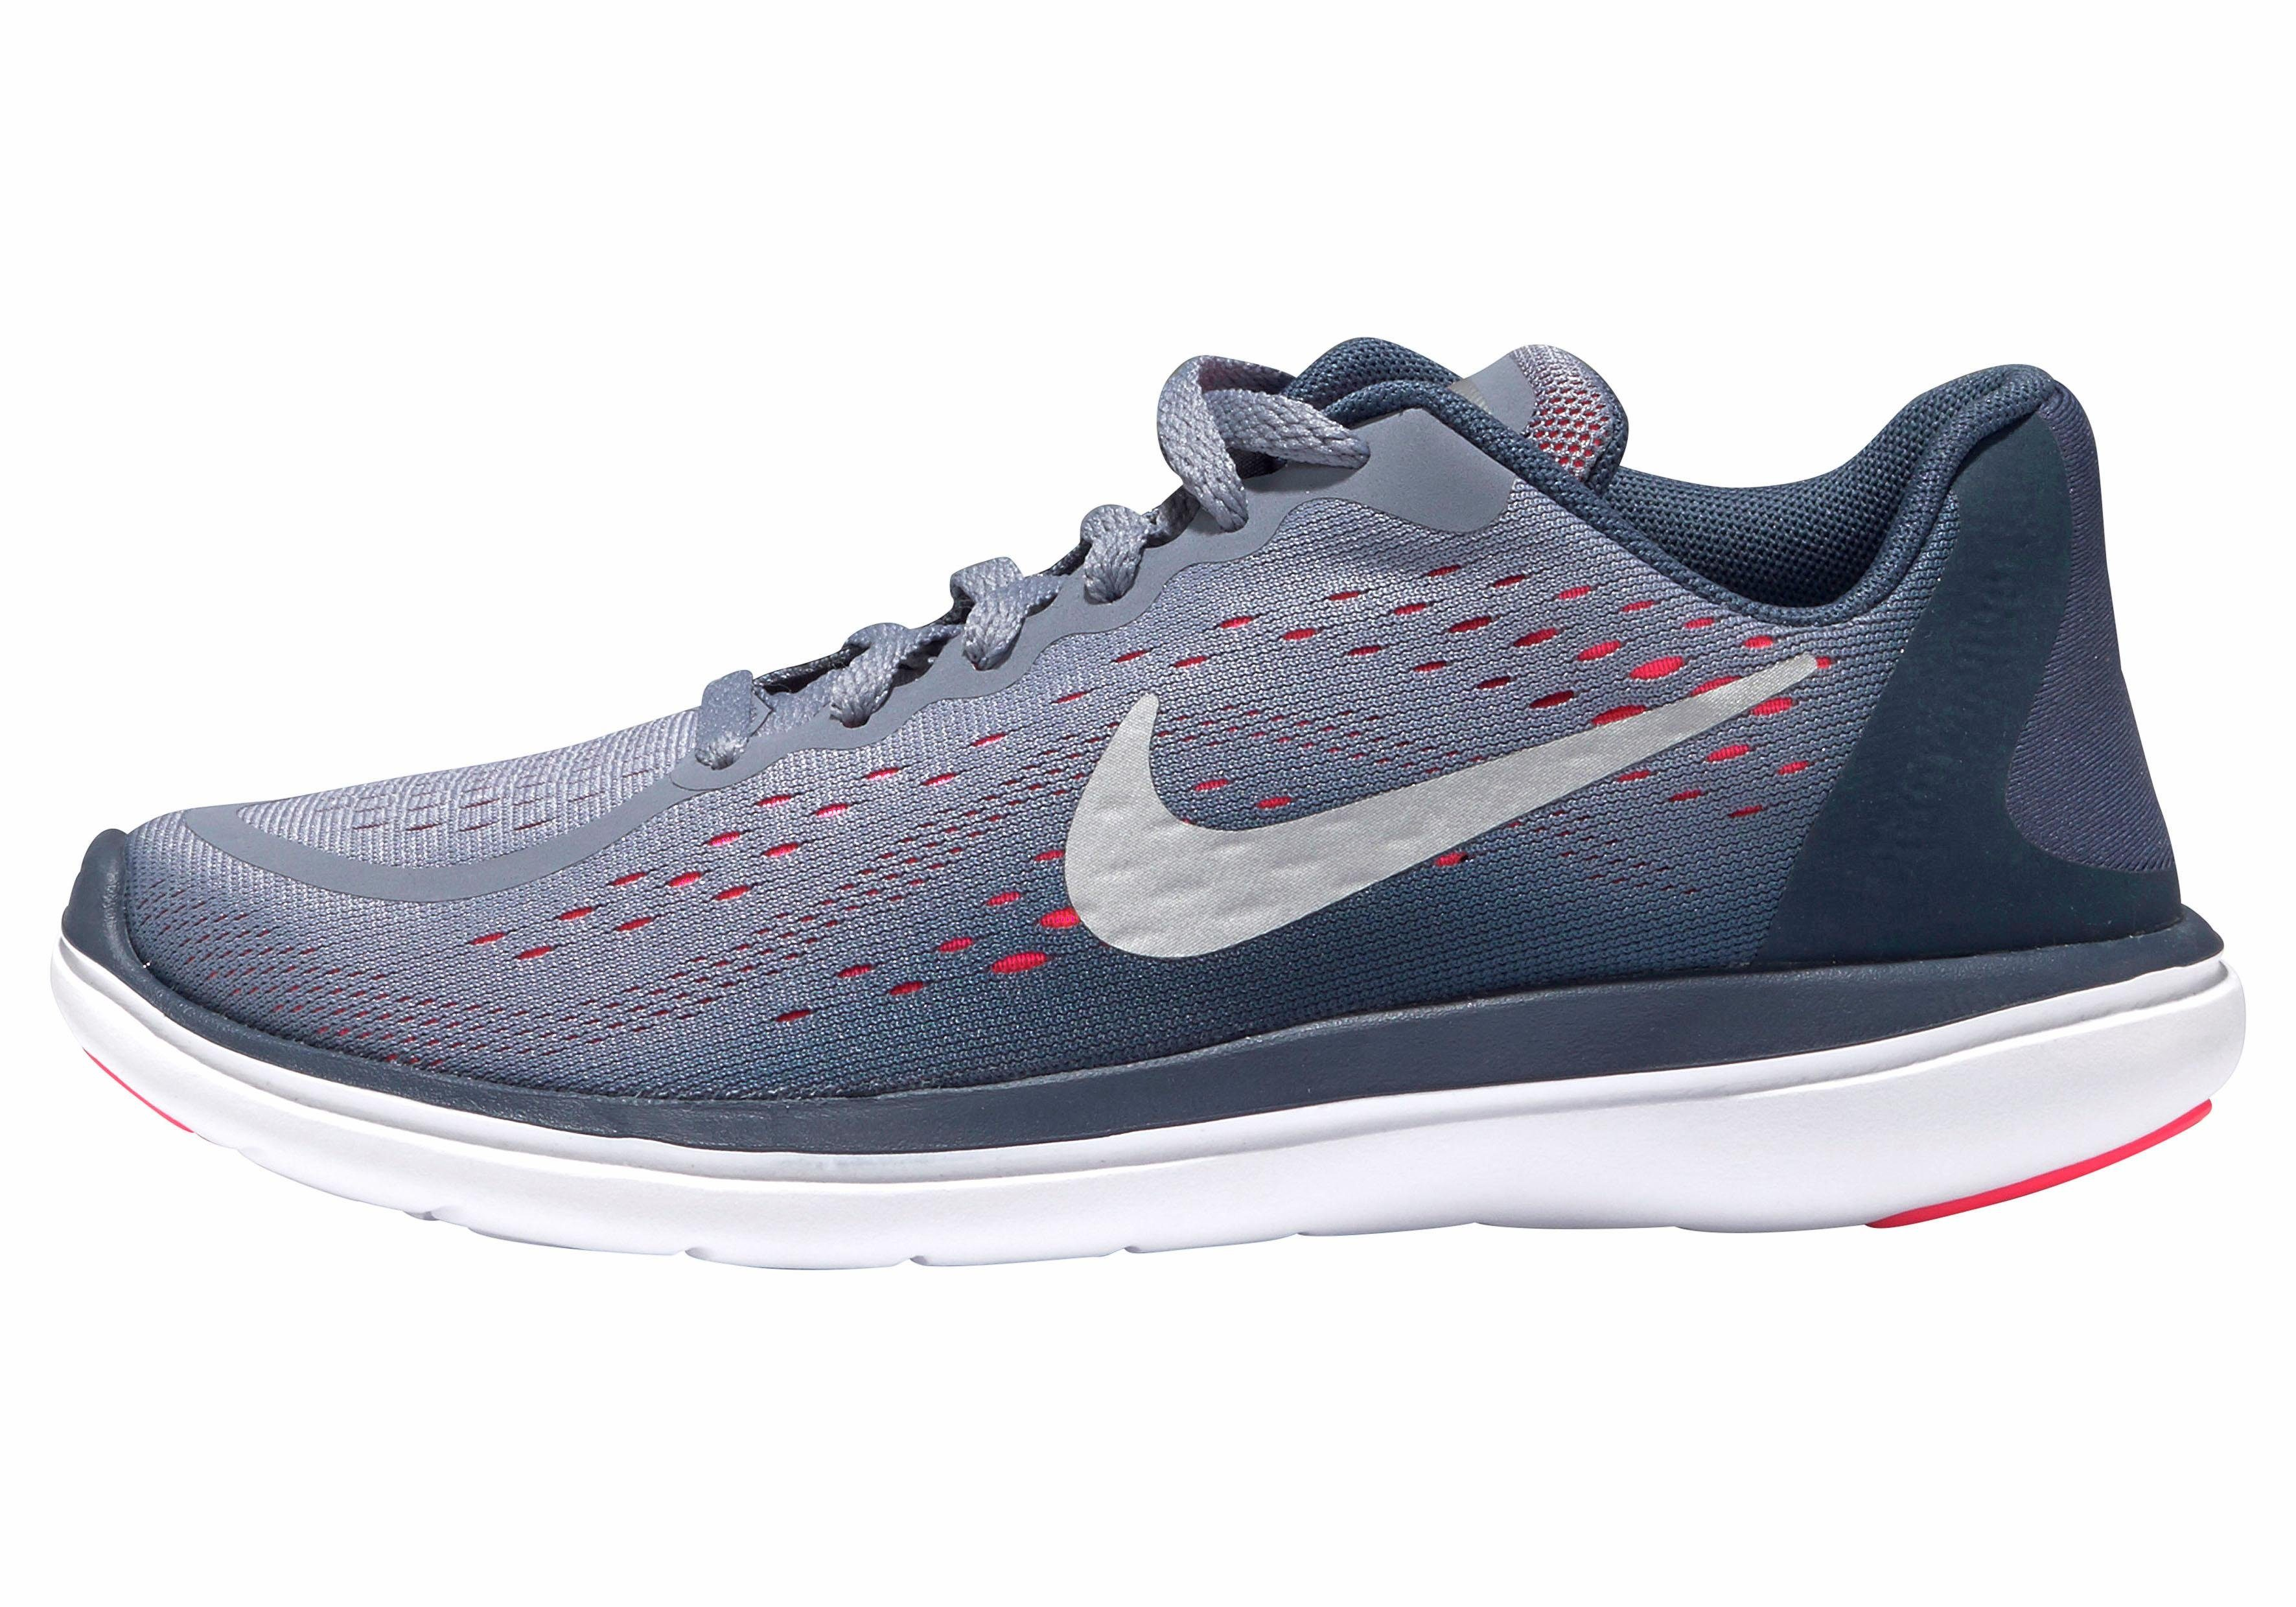 Uit Nederland Grijze Nike Performance Flex Experience Schoenen in maat 37 voor Dames Kopen Goedkope Winkel Outlet Online Shop PAsE1C